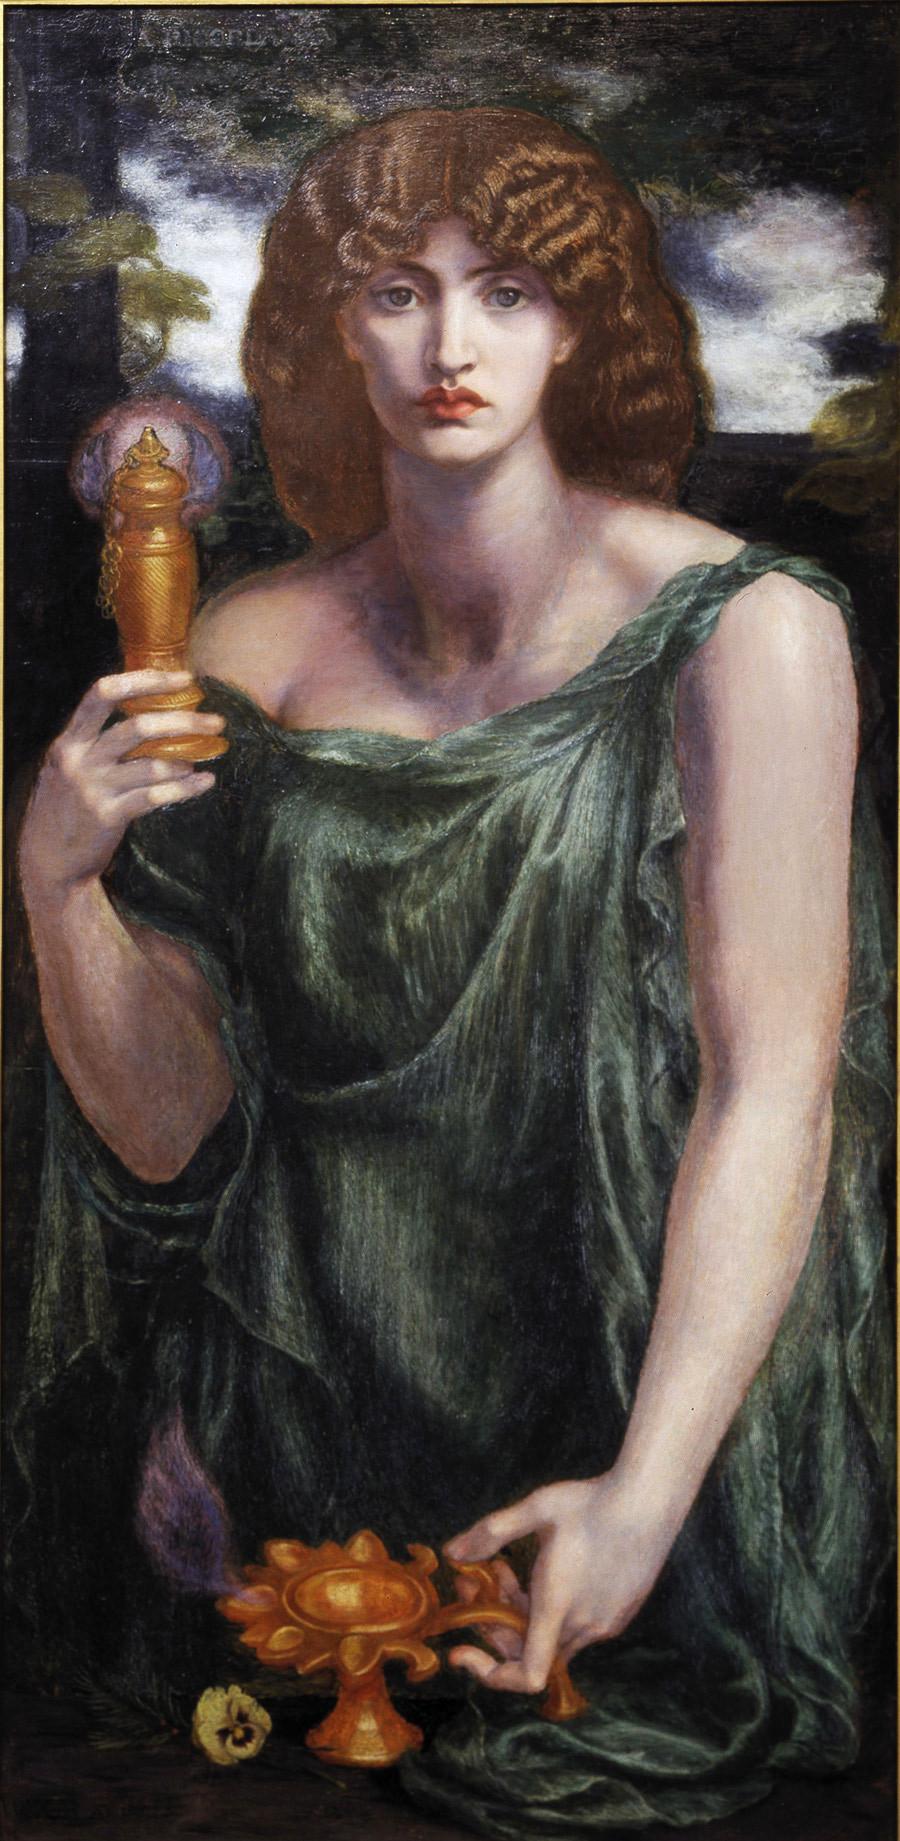 Mnemosyne by Dante Gabriel Rossetti - 1881